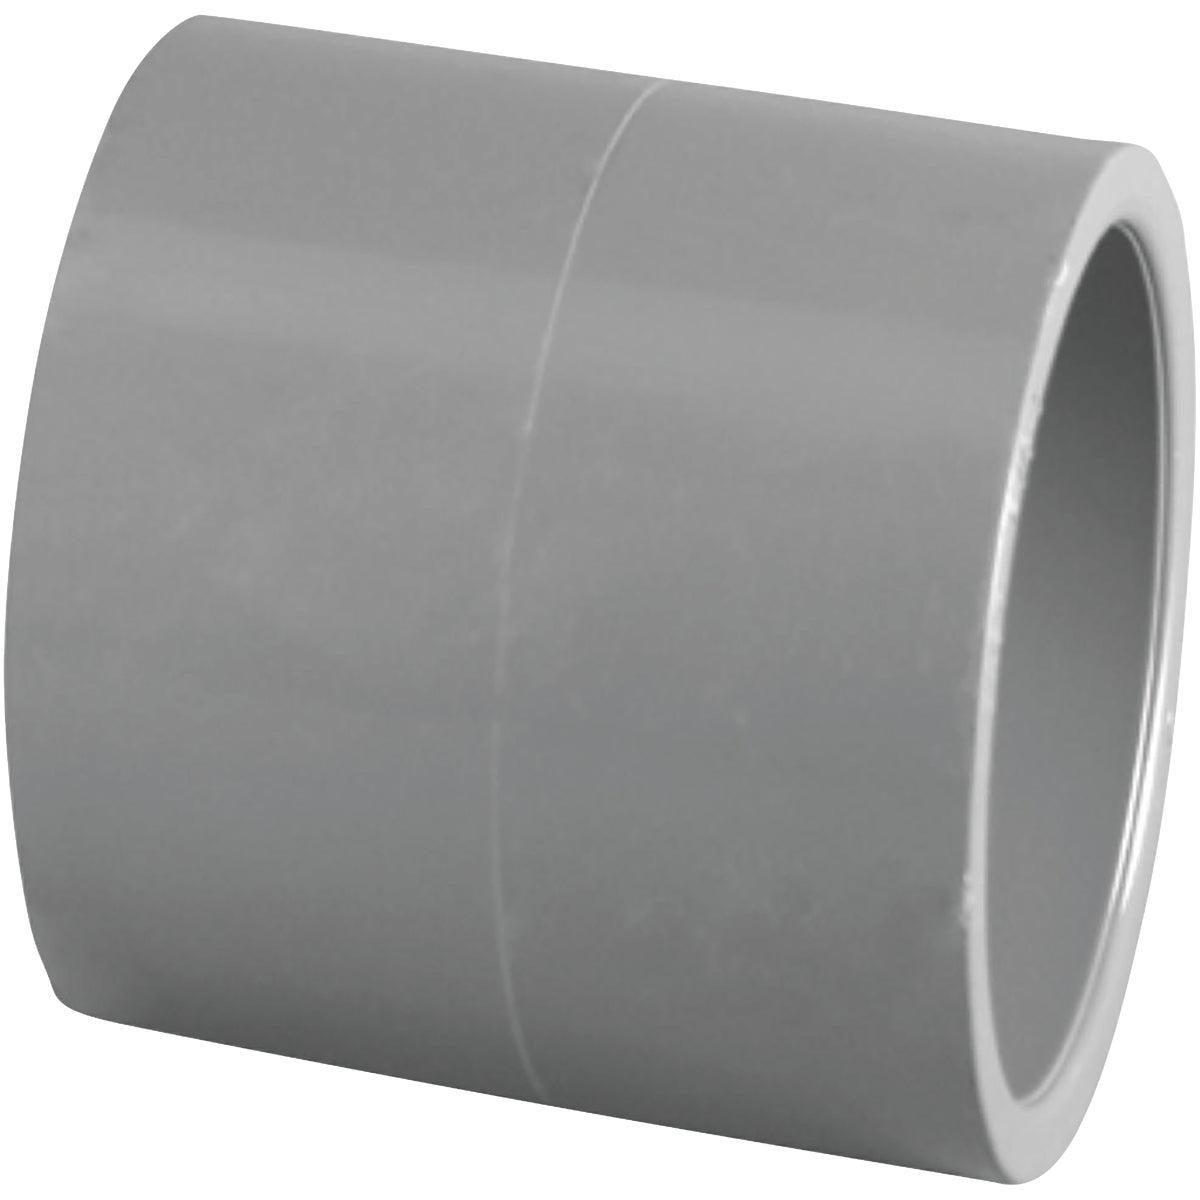 1-1/4 SCH80 PVC COUPLING - 301148 by Genova Inc